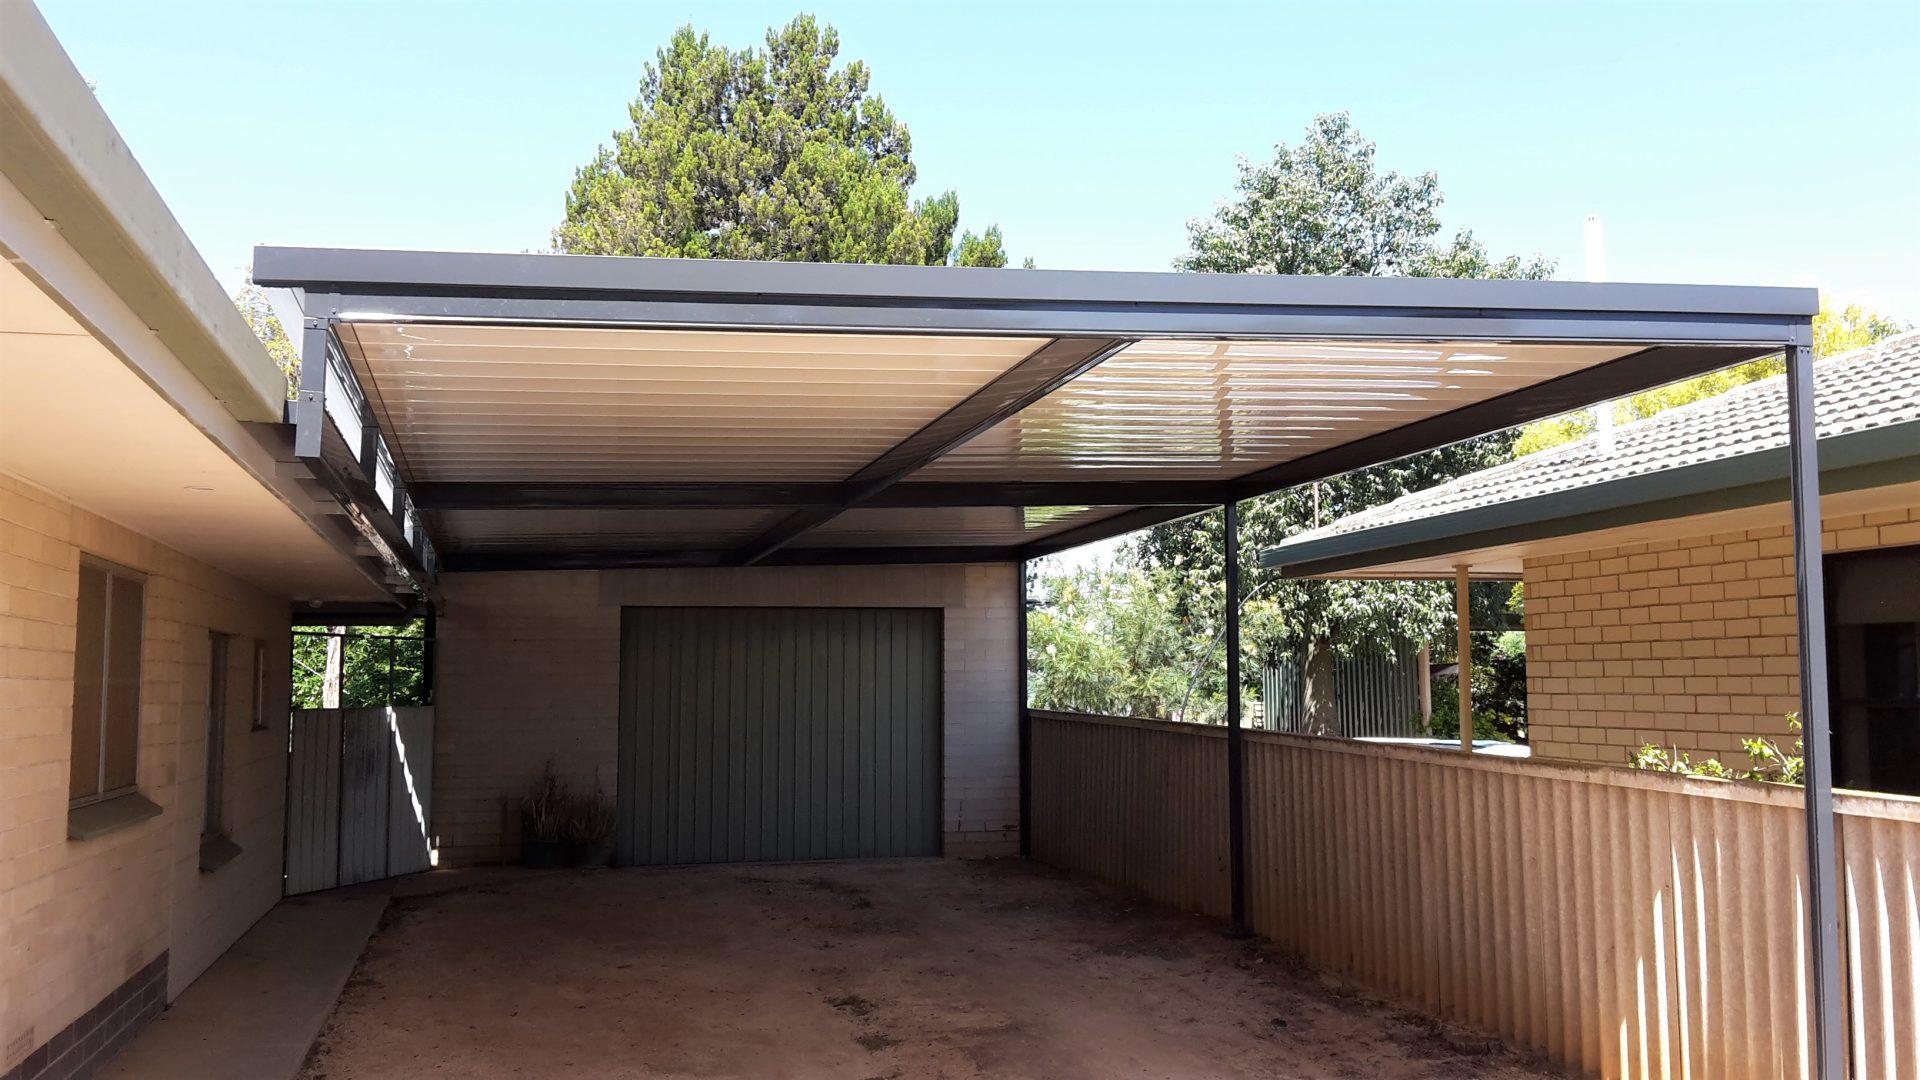 4-Uplifted-Carport-Flat-V-Dek-1-Roofing-scaled